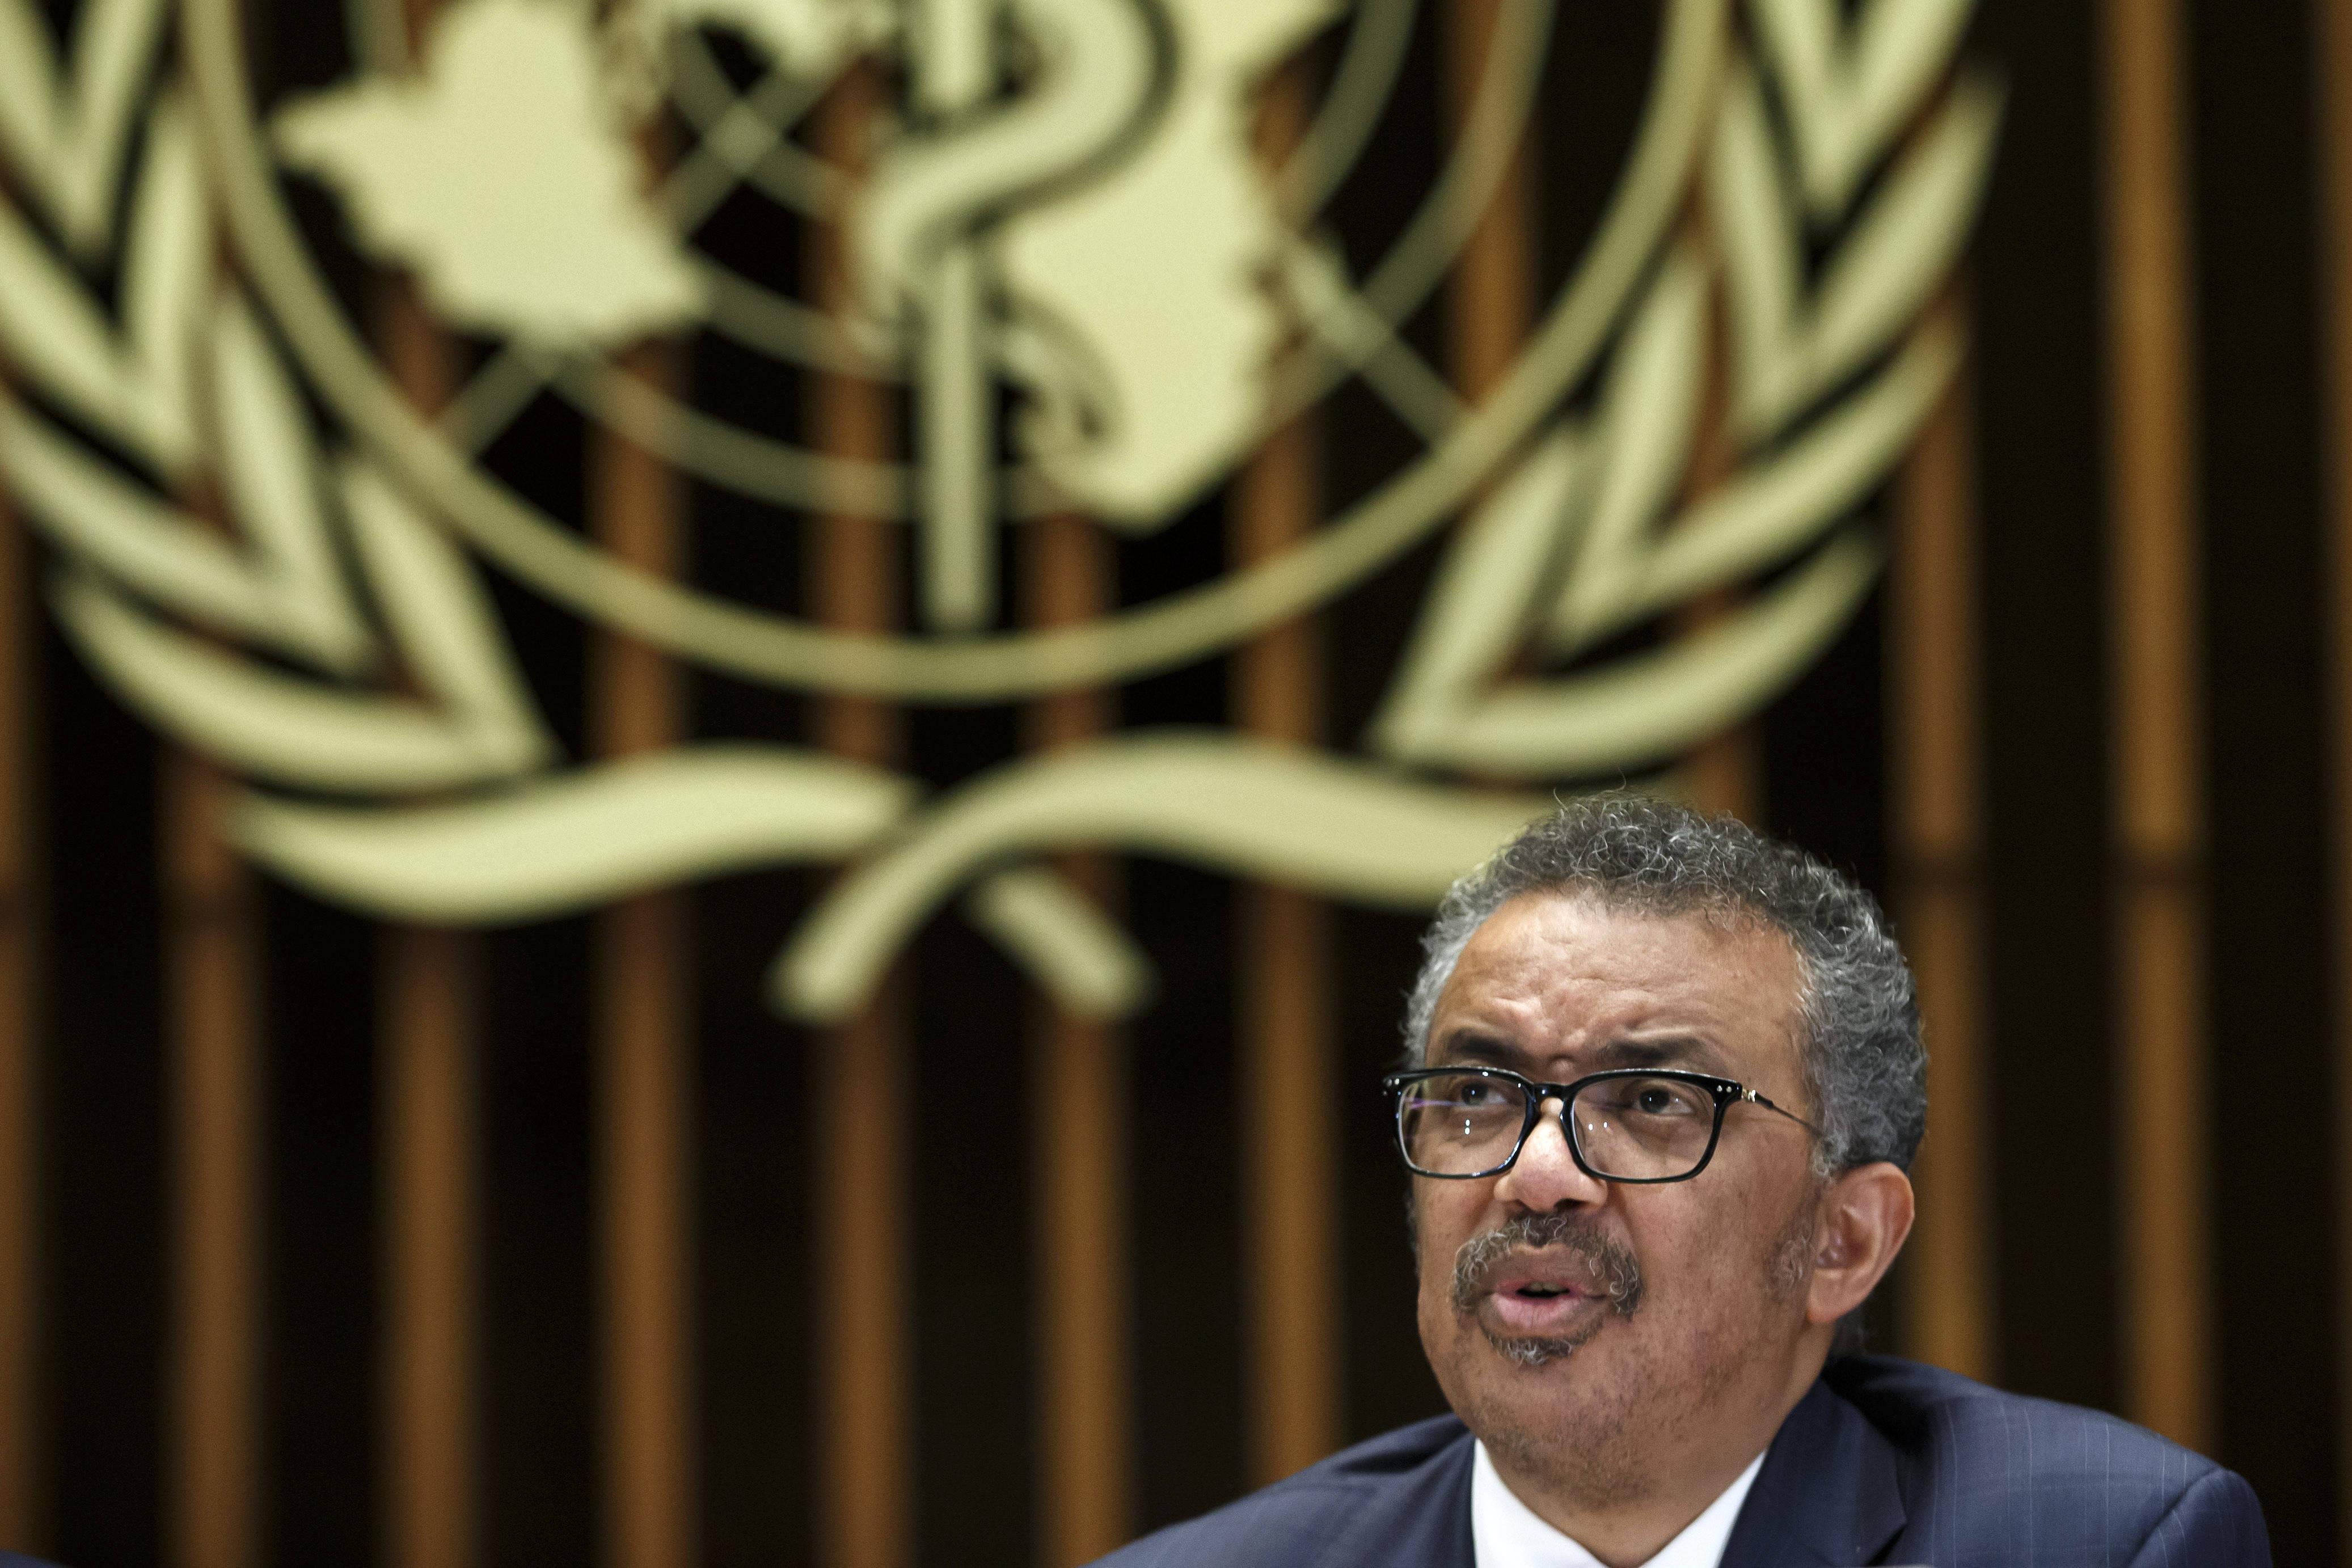 Le directeur de l'OMS, Tedros Adhanom Ghebreyesus, s'exprime sur le coronavirus, le 12 février 2020.